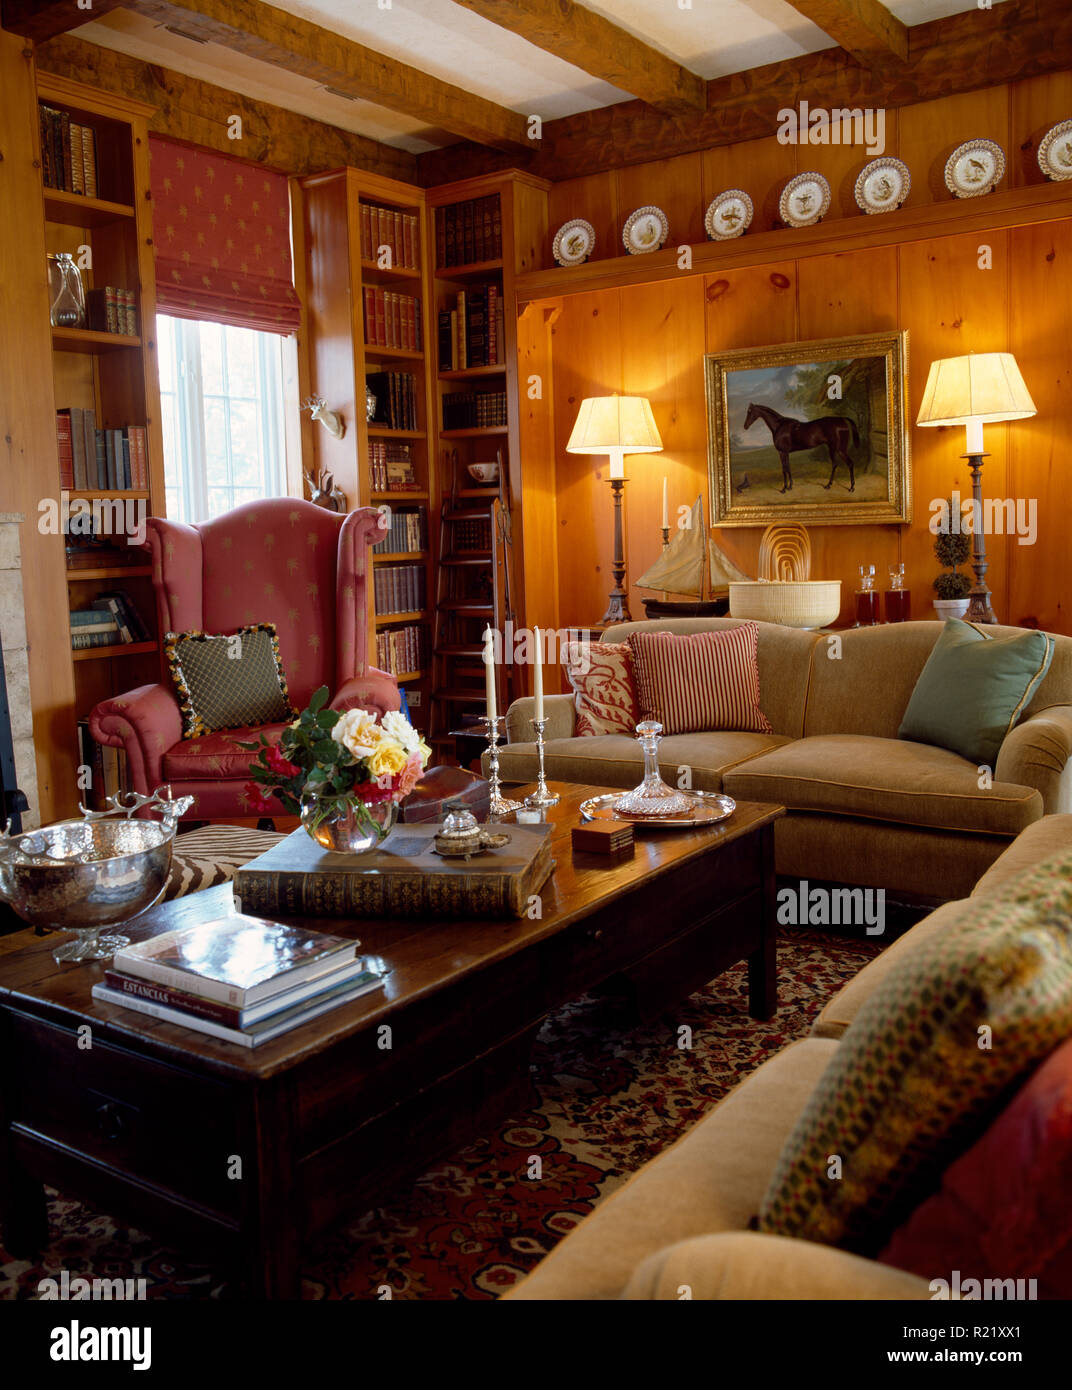 Brennenden Lampen Und Vintage Holz Couchtisch Im Wohnzimmer Stockfotografie Alamy